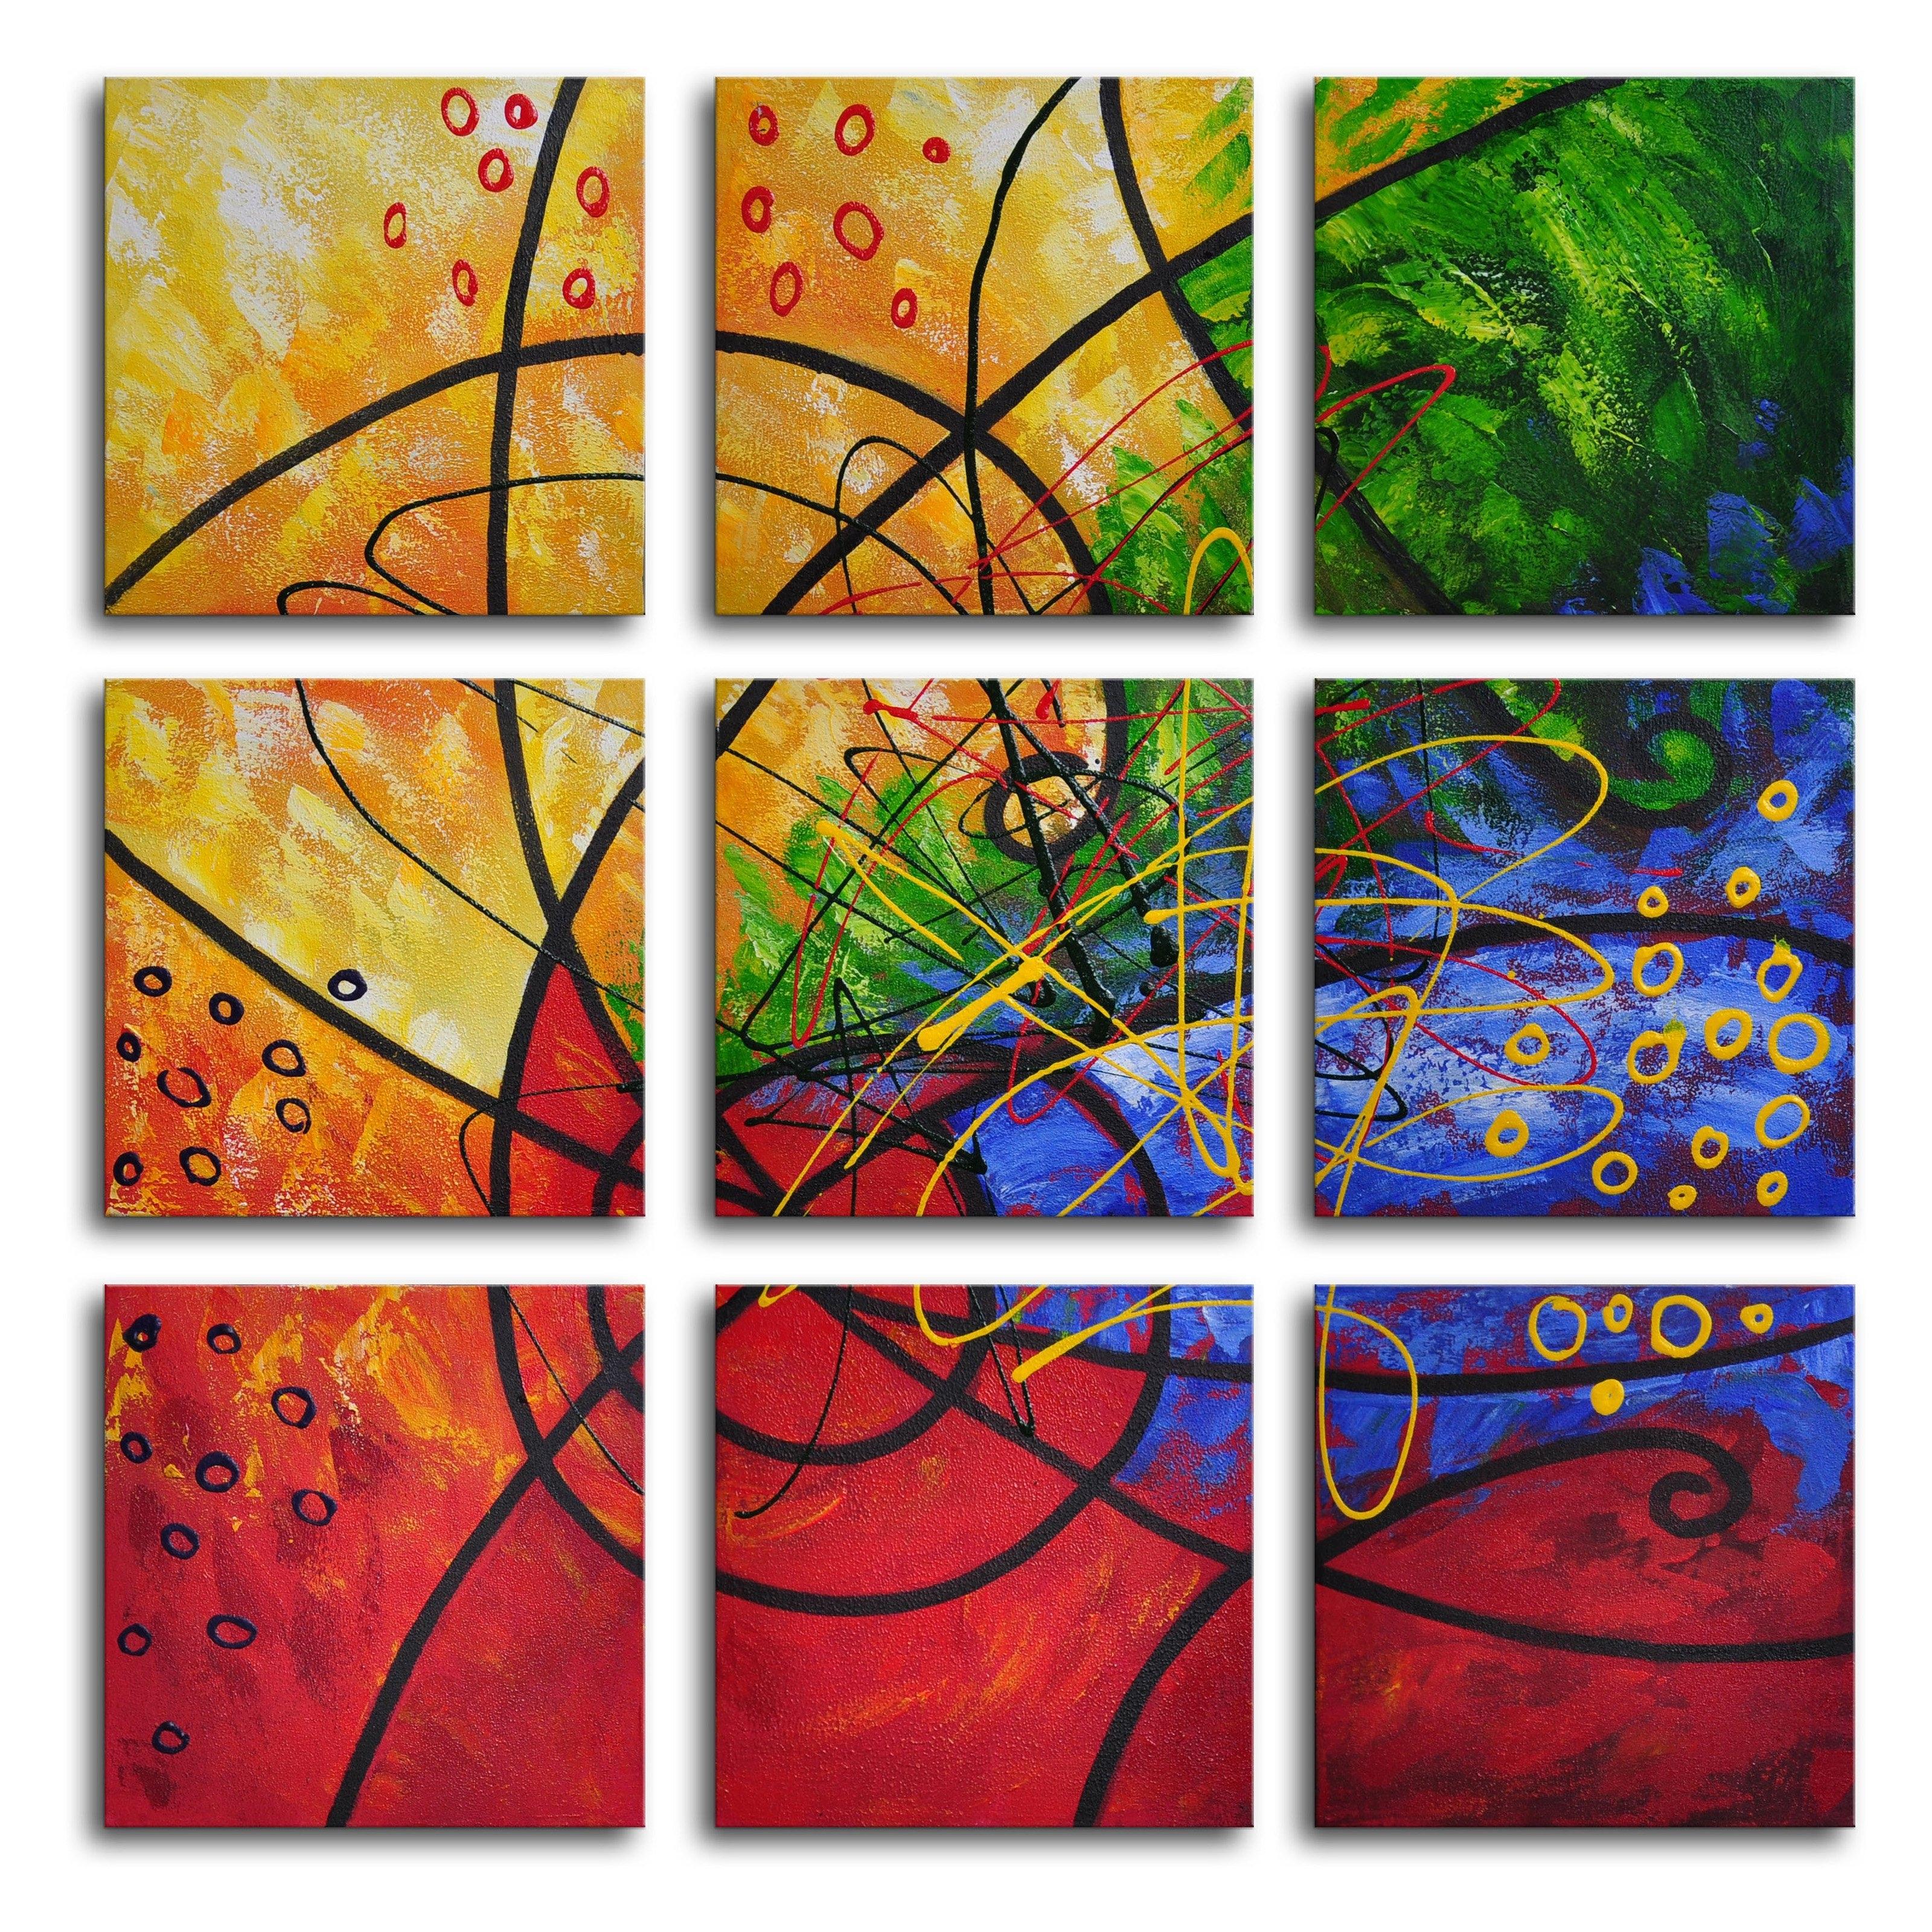 9 Piece Canvas Wall Art | Sevenstonesinc Regarding Newest Tile Canvas Wall Art (View 19 of 20)